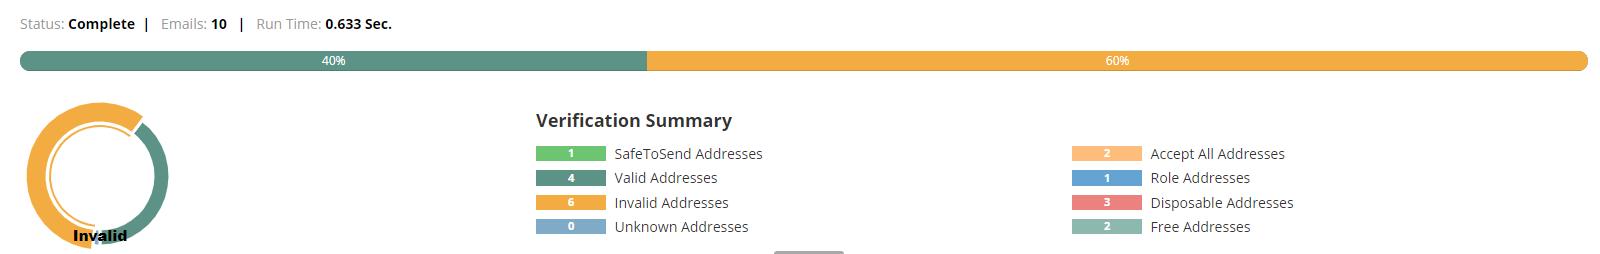 После проверки получаем время выполнения валидации, процент валидных и невалидных адресов и количество адресов по категориям